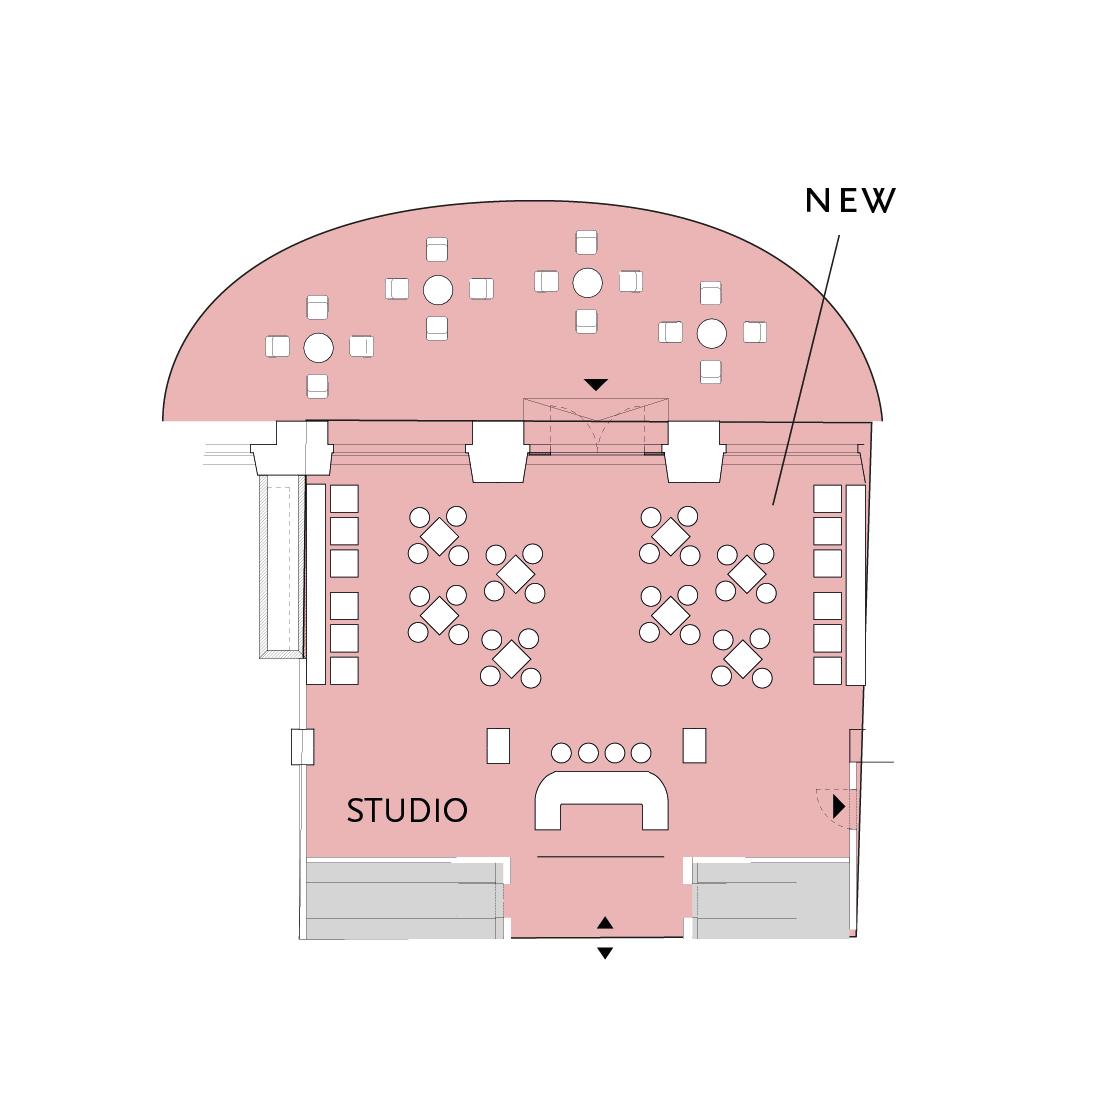 Heart Studio